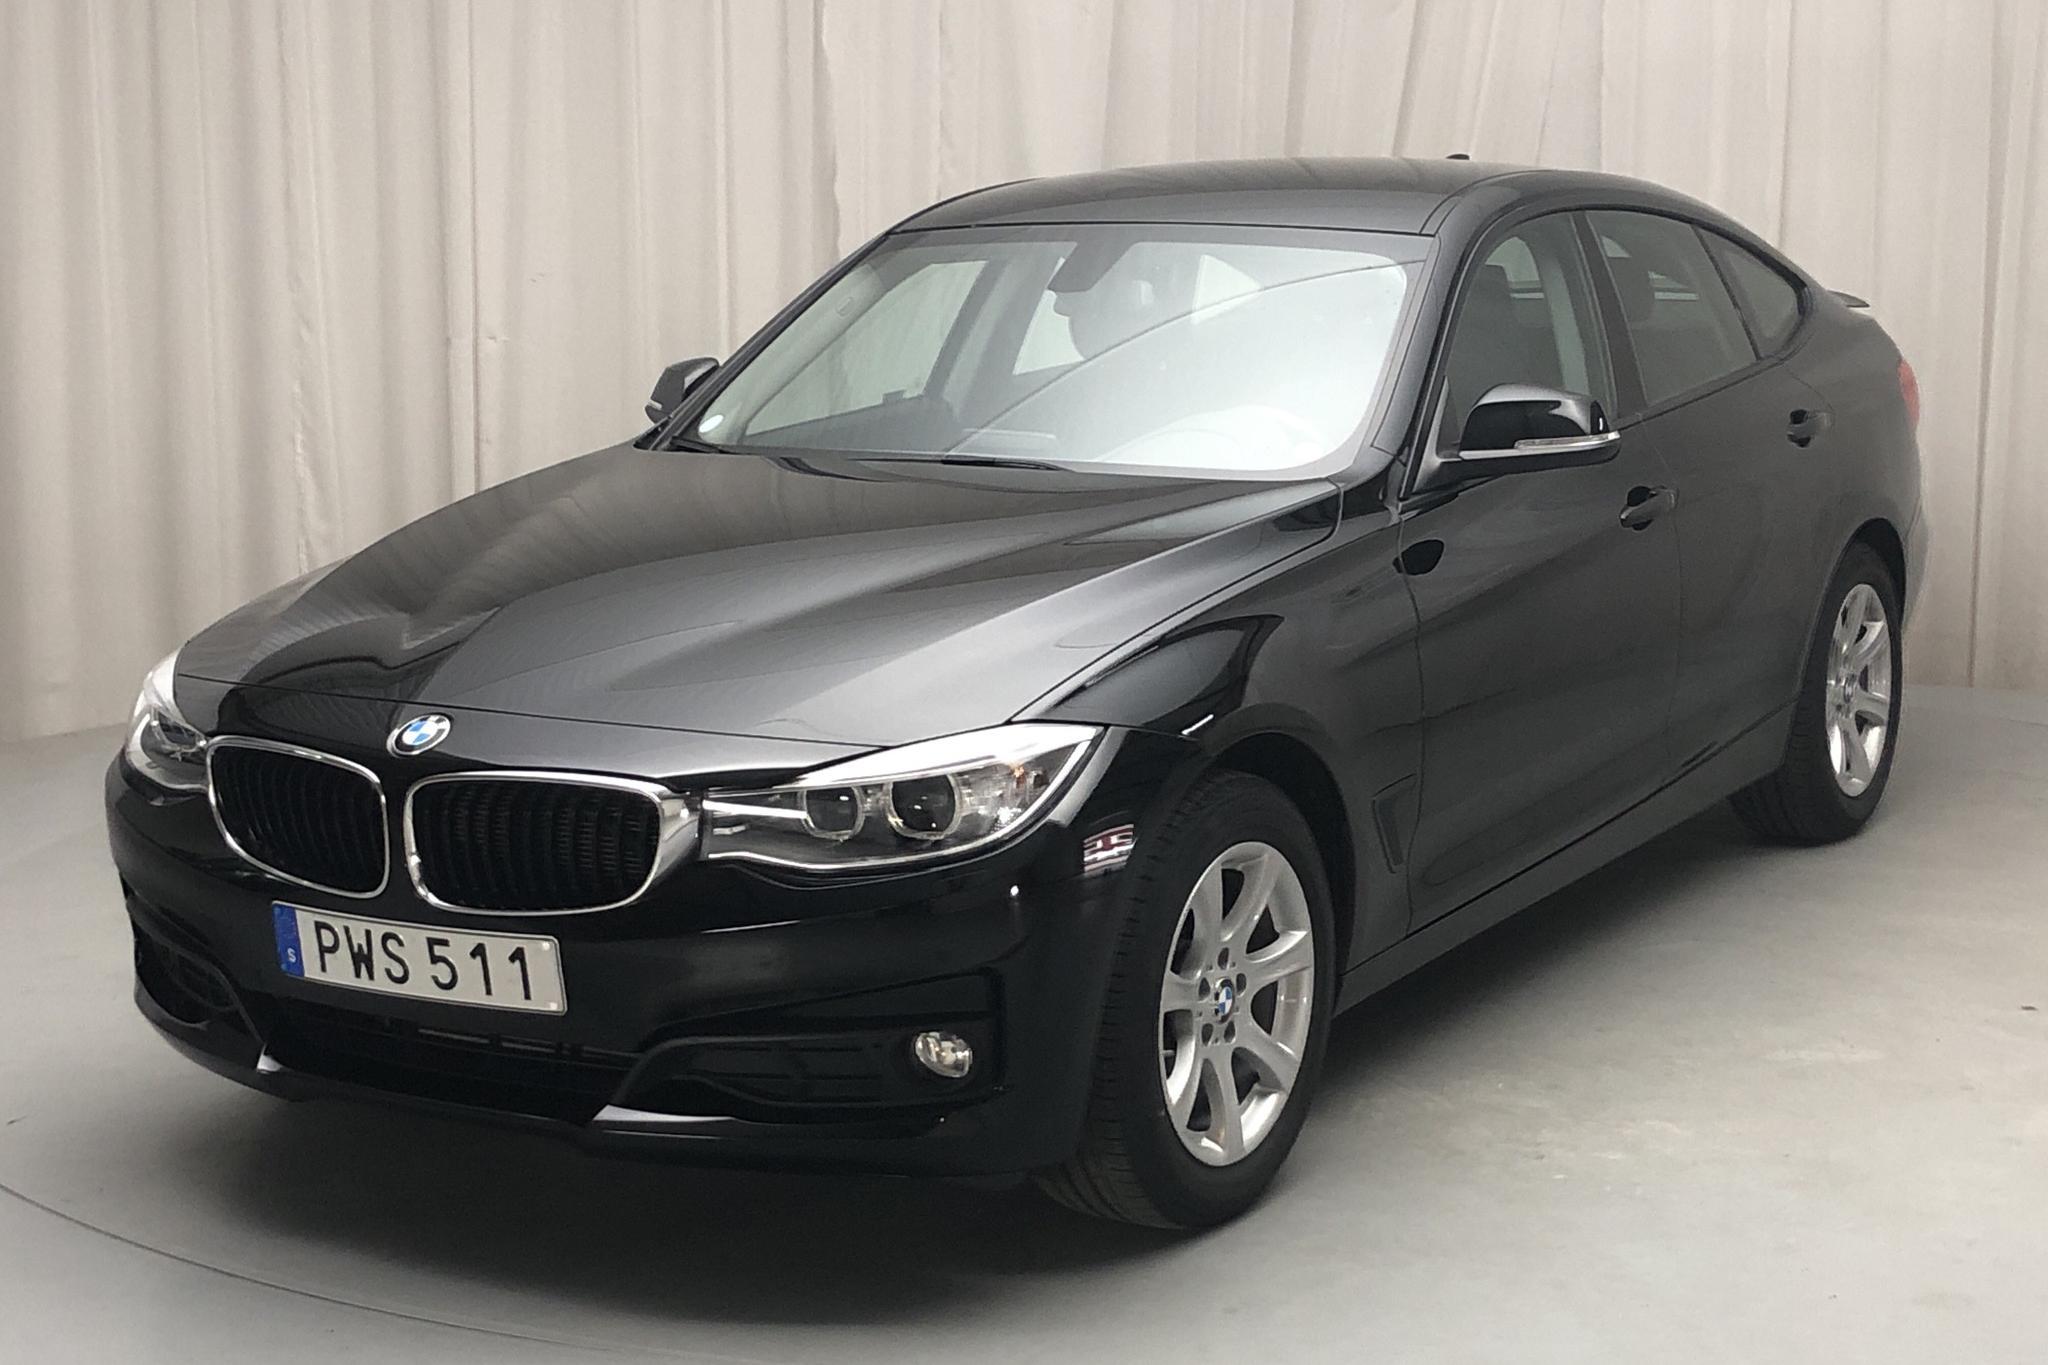 BMW 320d GT xDrive, F34 (190hk) - 36 810 km - Automatic - black - 2016